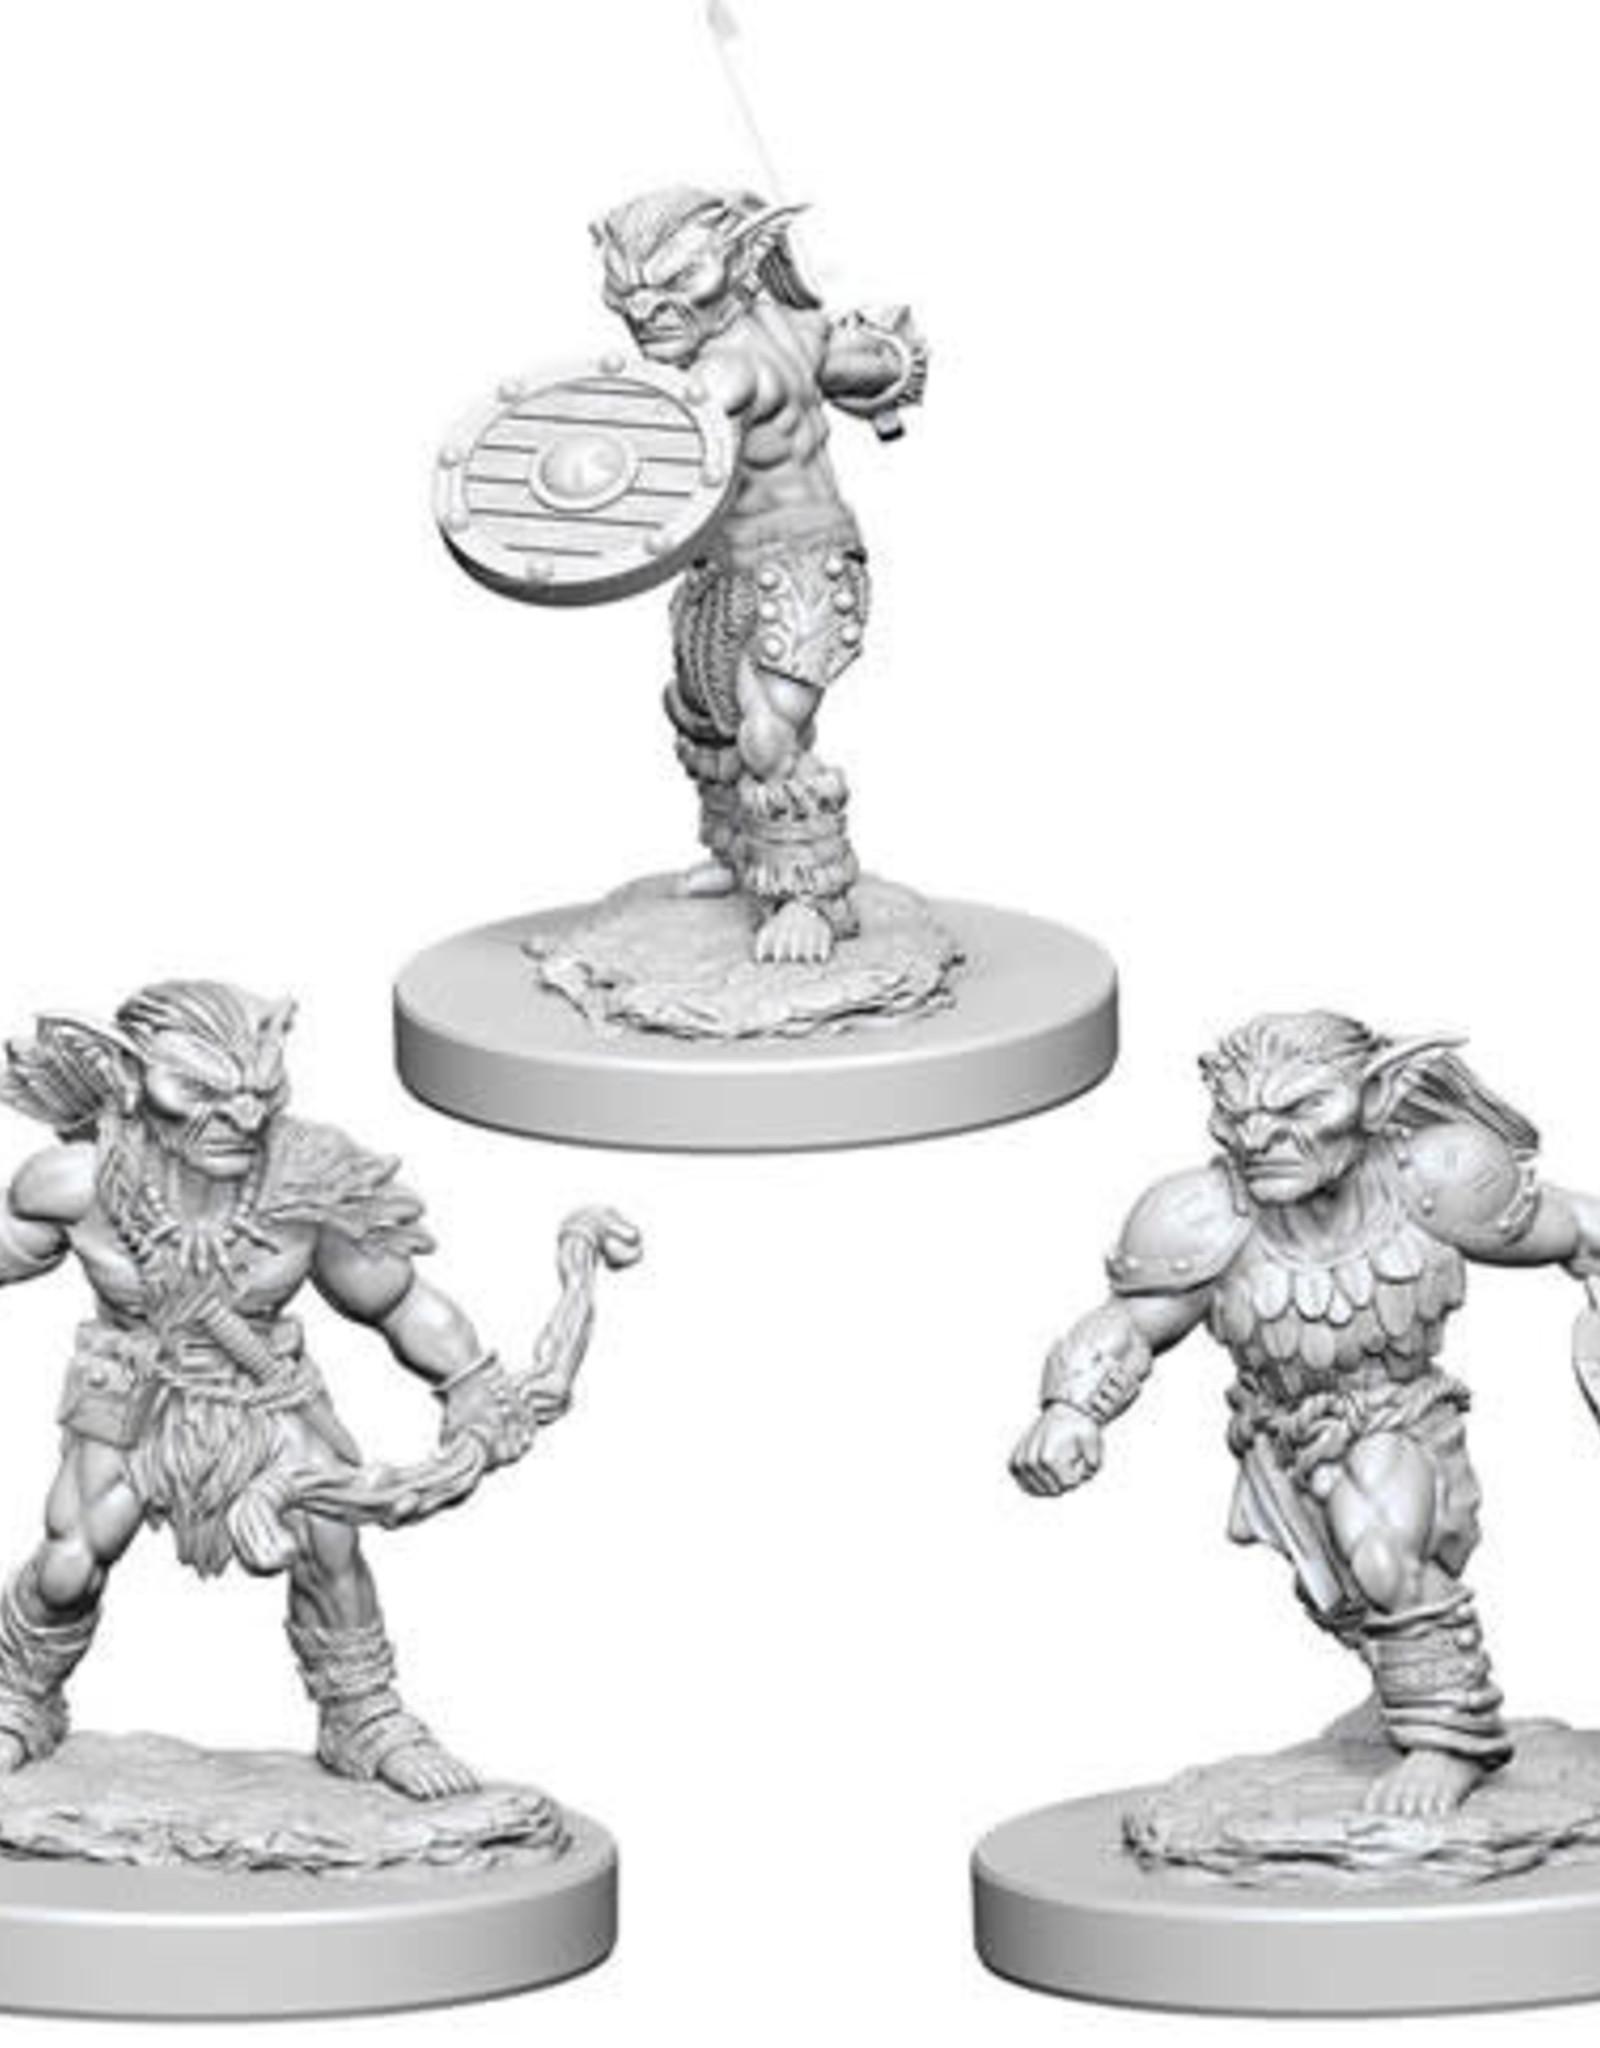 WizKids D&D Nolzur Goblins